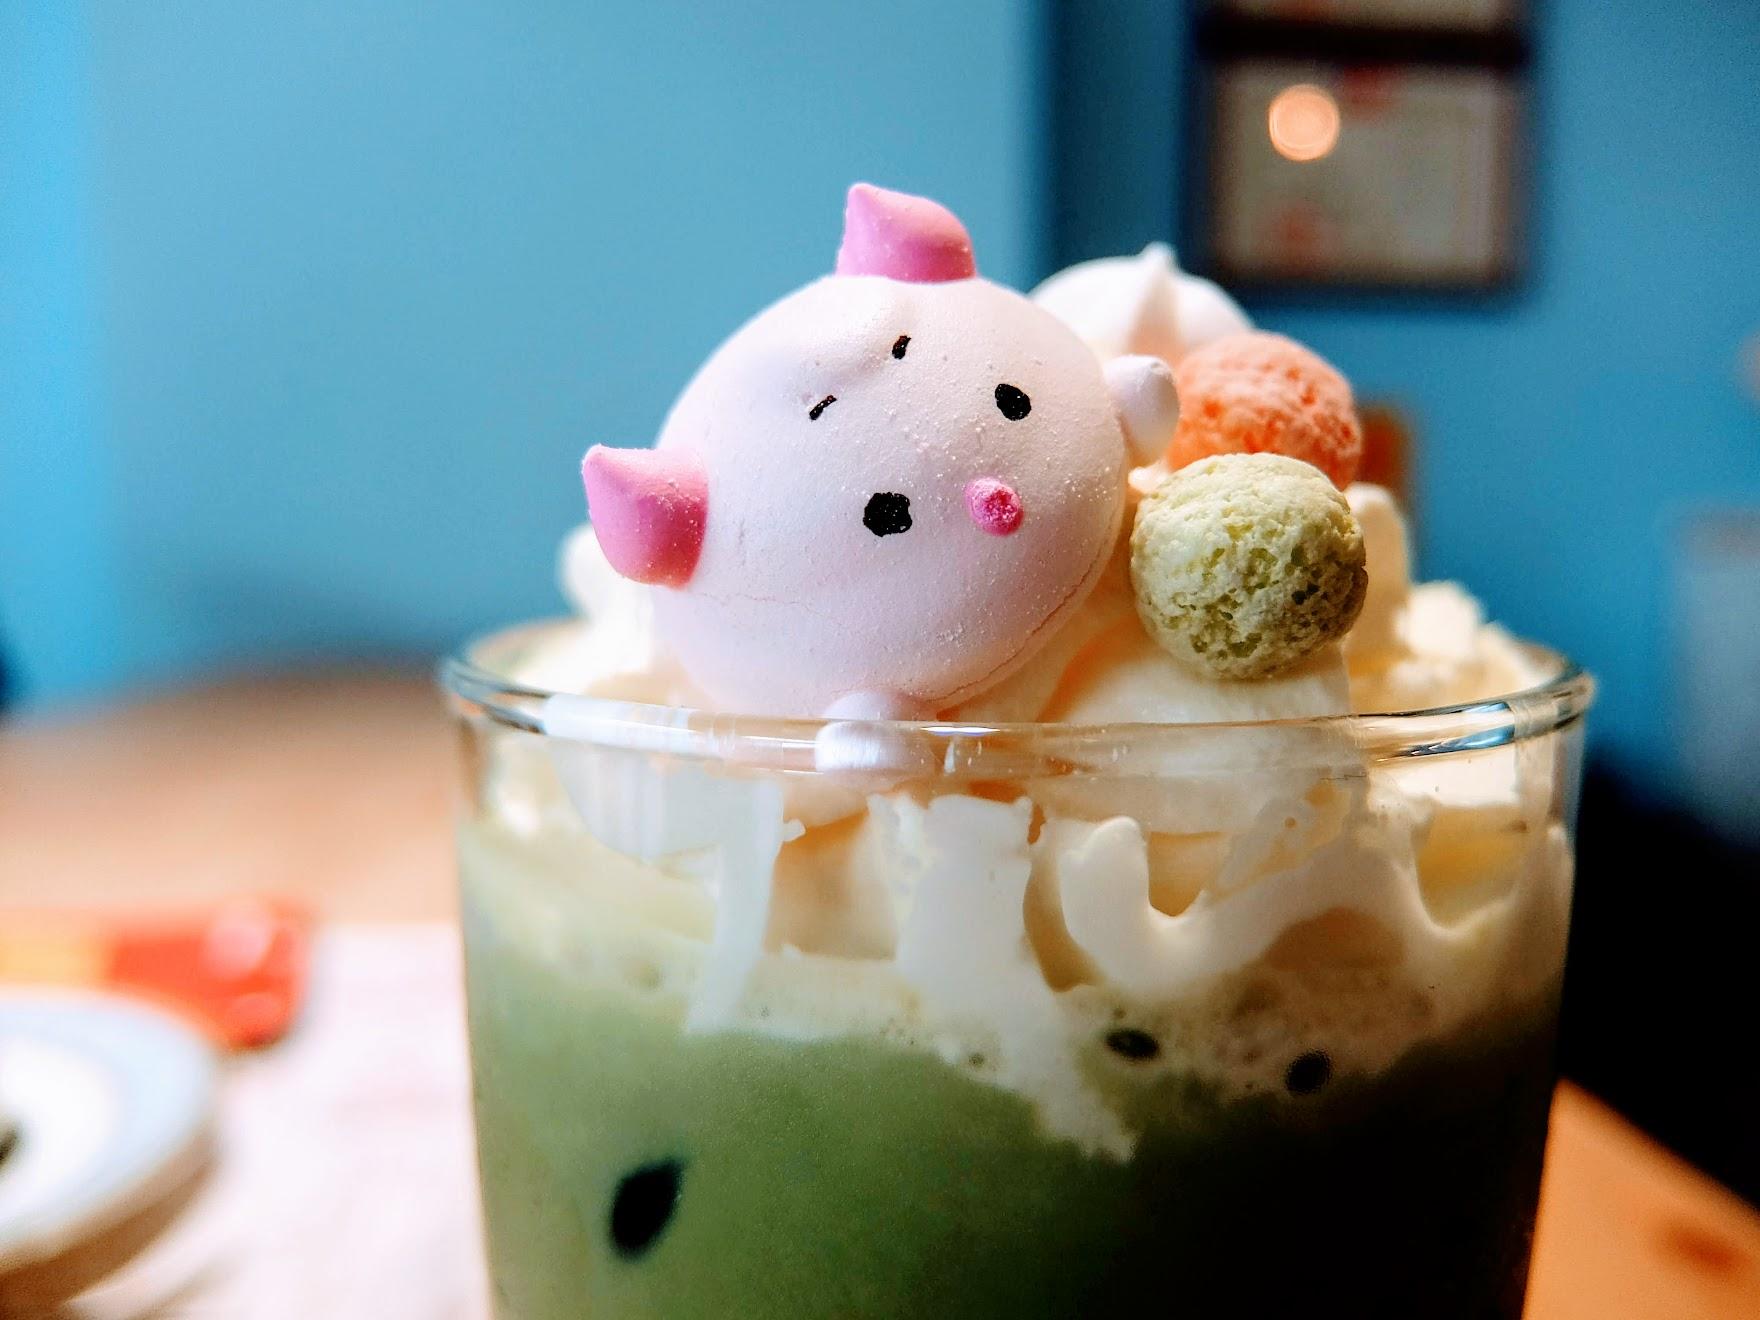 整杯喝起來奶味較重一些,抹茶淡了點,但還不錯喔! 上頭這小豬實在太可愛了...